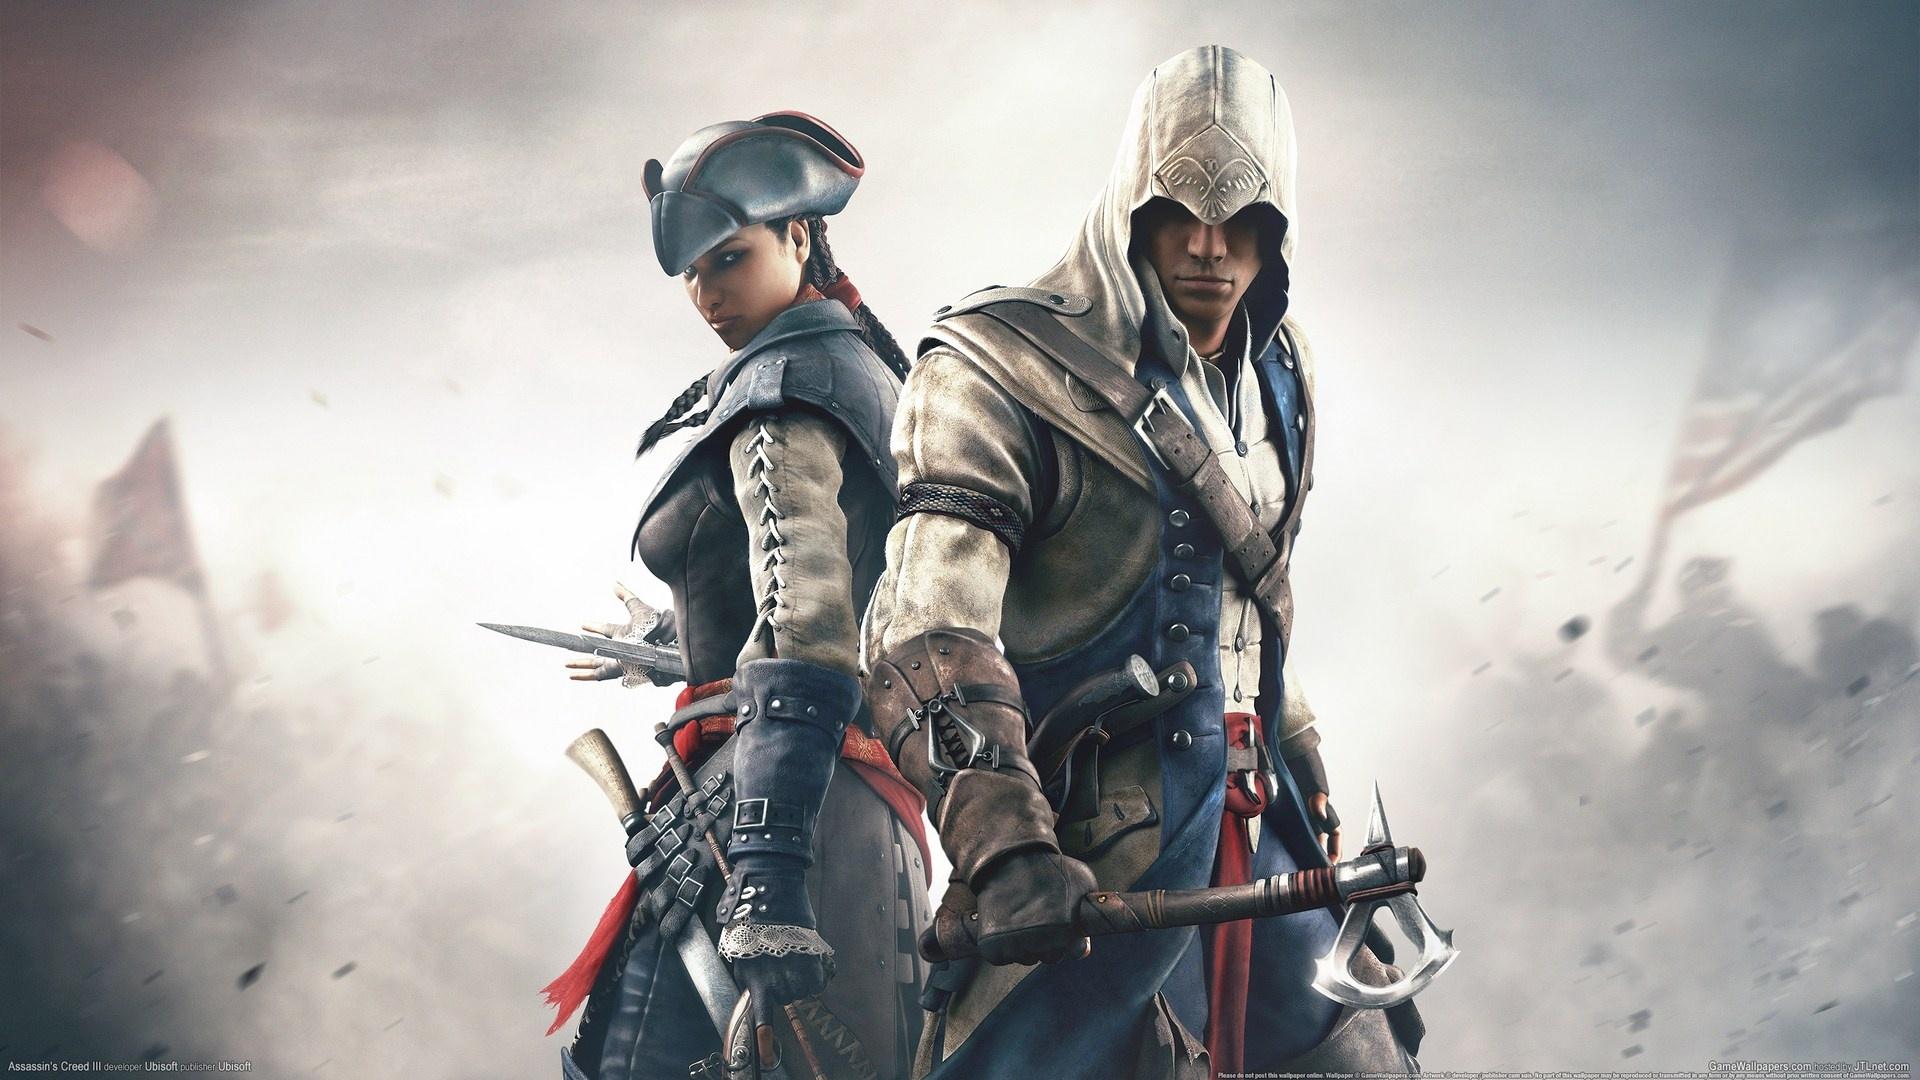 Assassins Creed 3 Juegos De PC Fondos Pantalla  1920x1080 Full HD Descarga ES